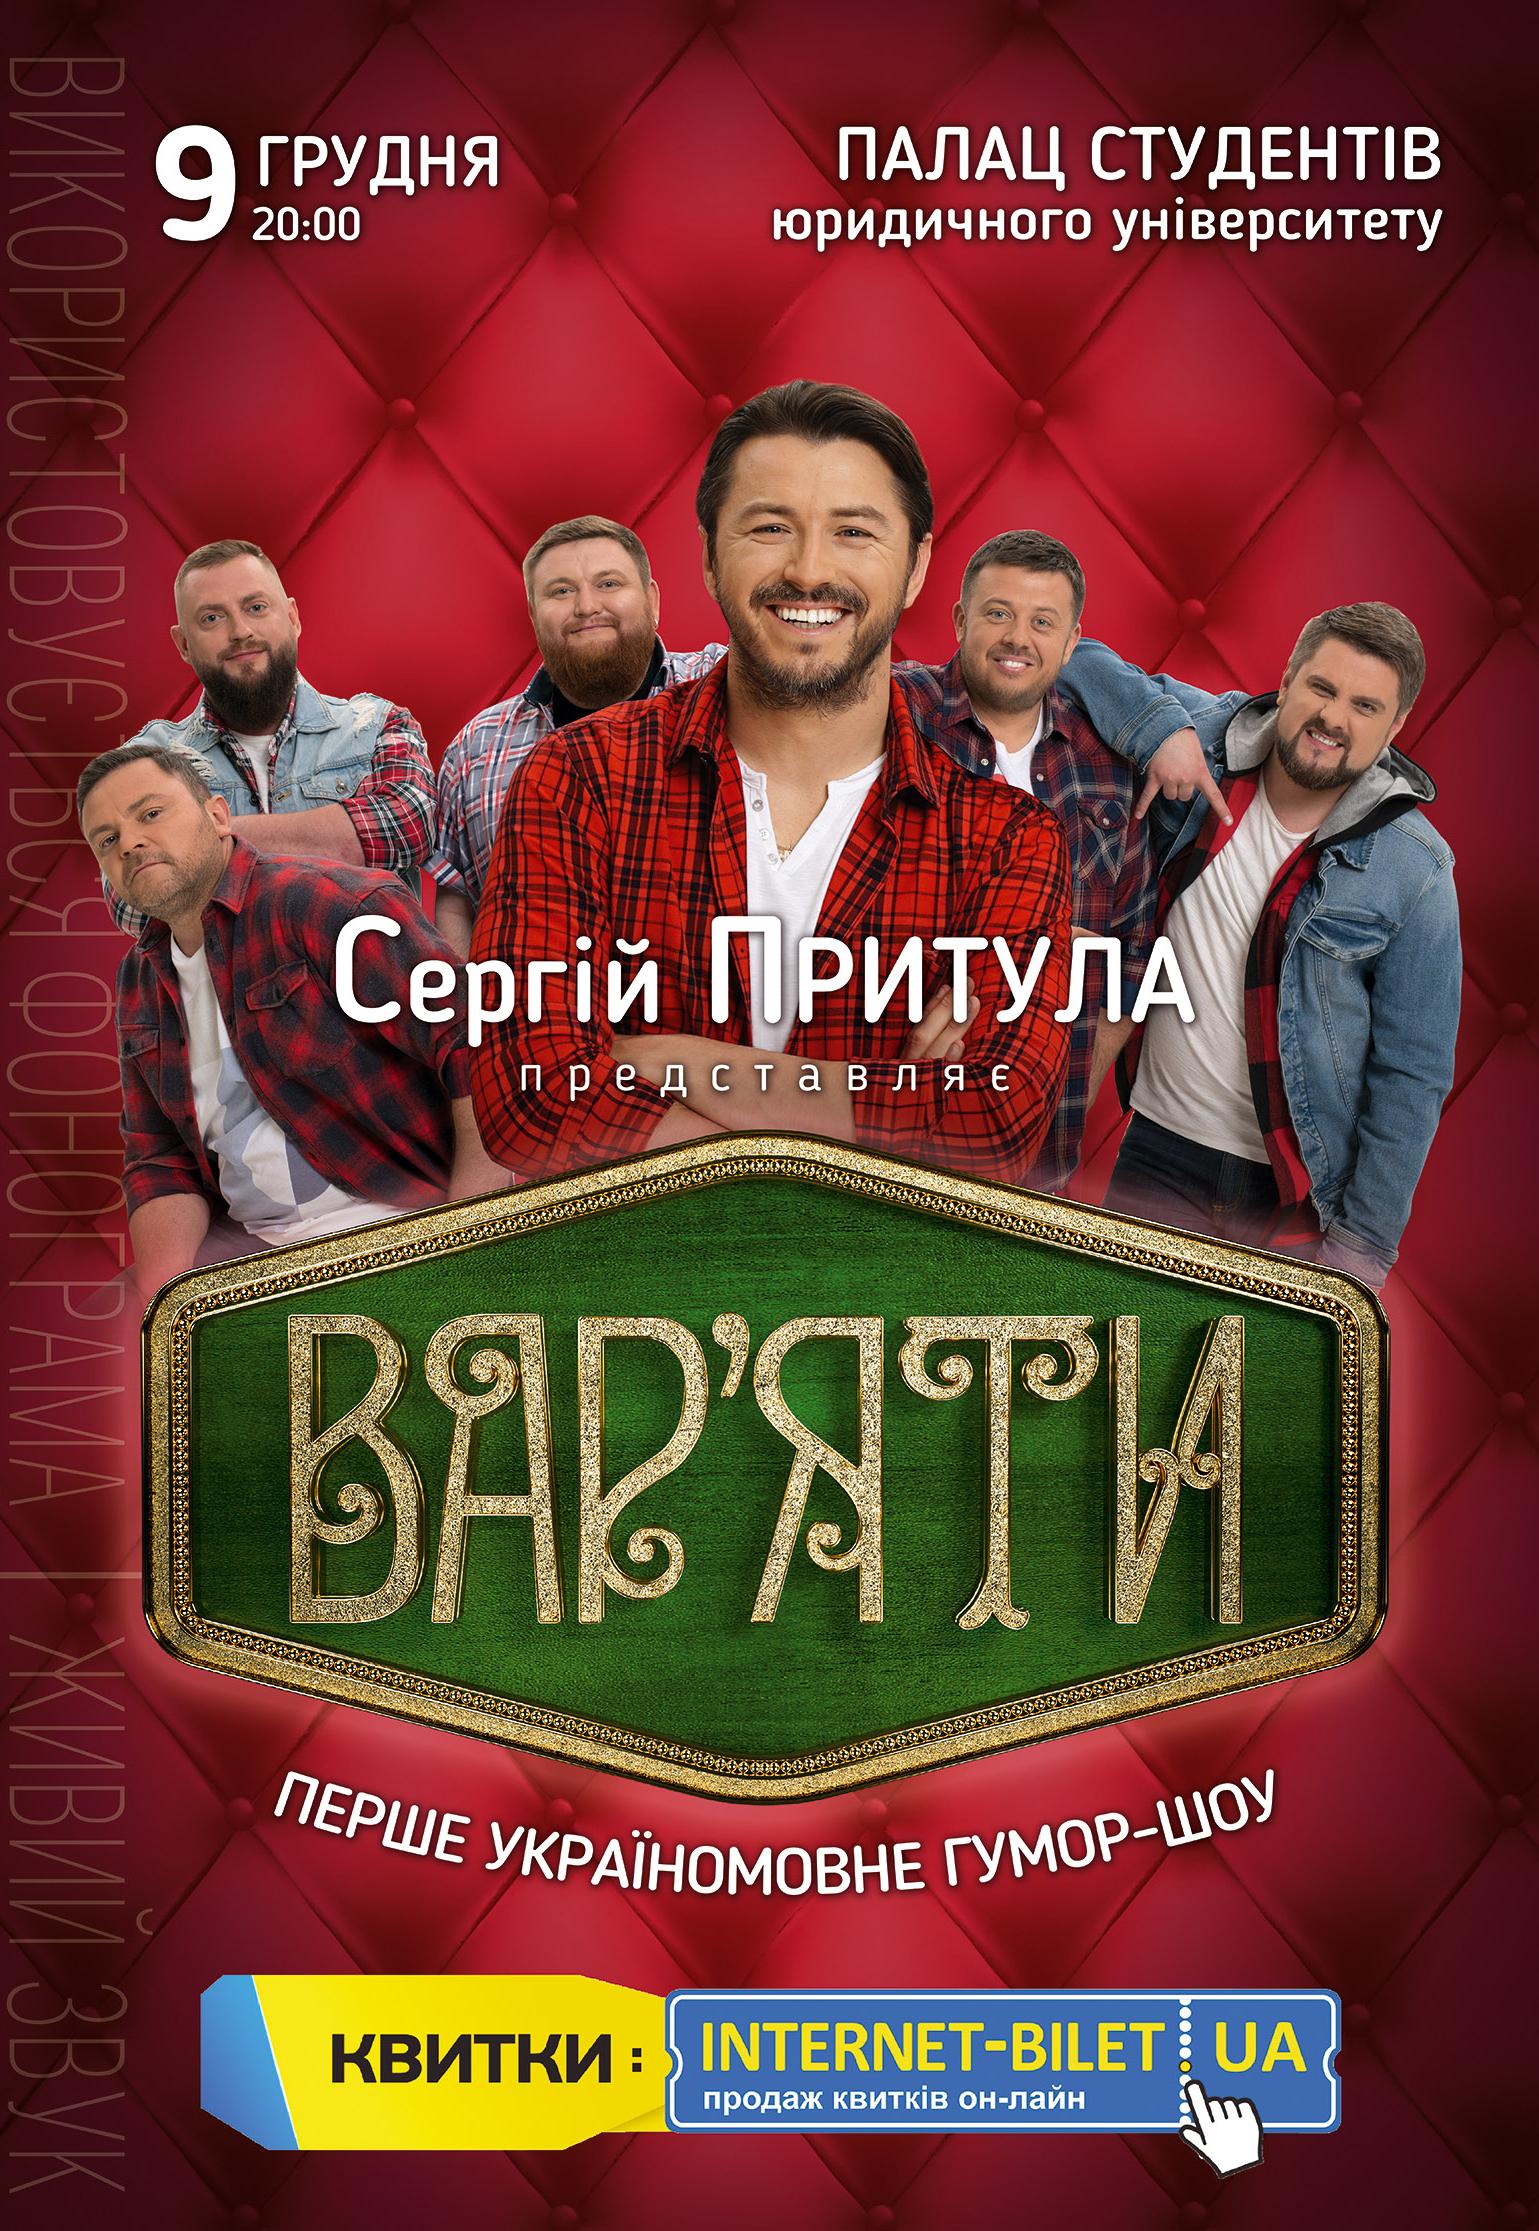 билет на концерт бибера фото